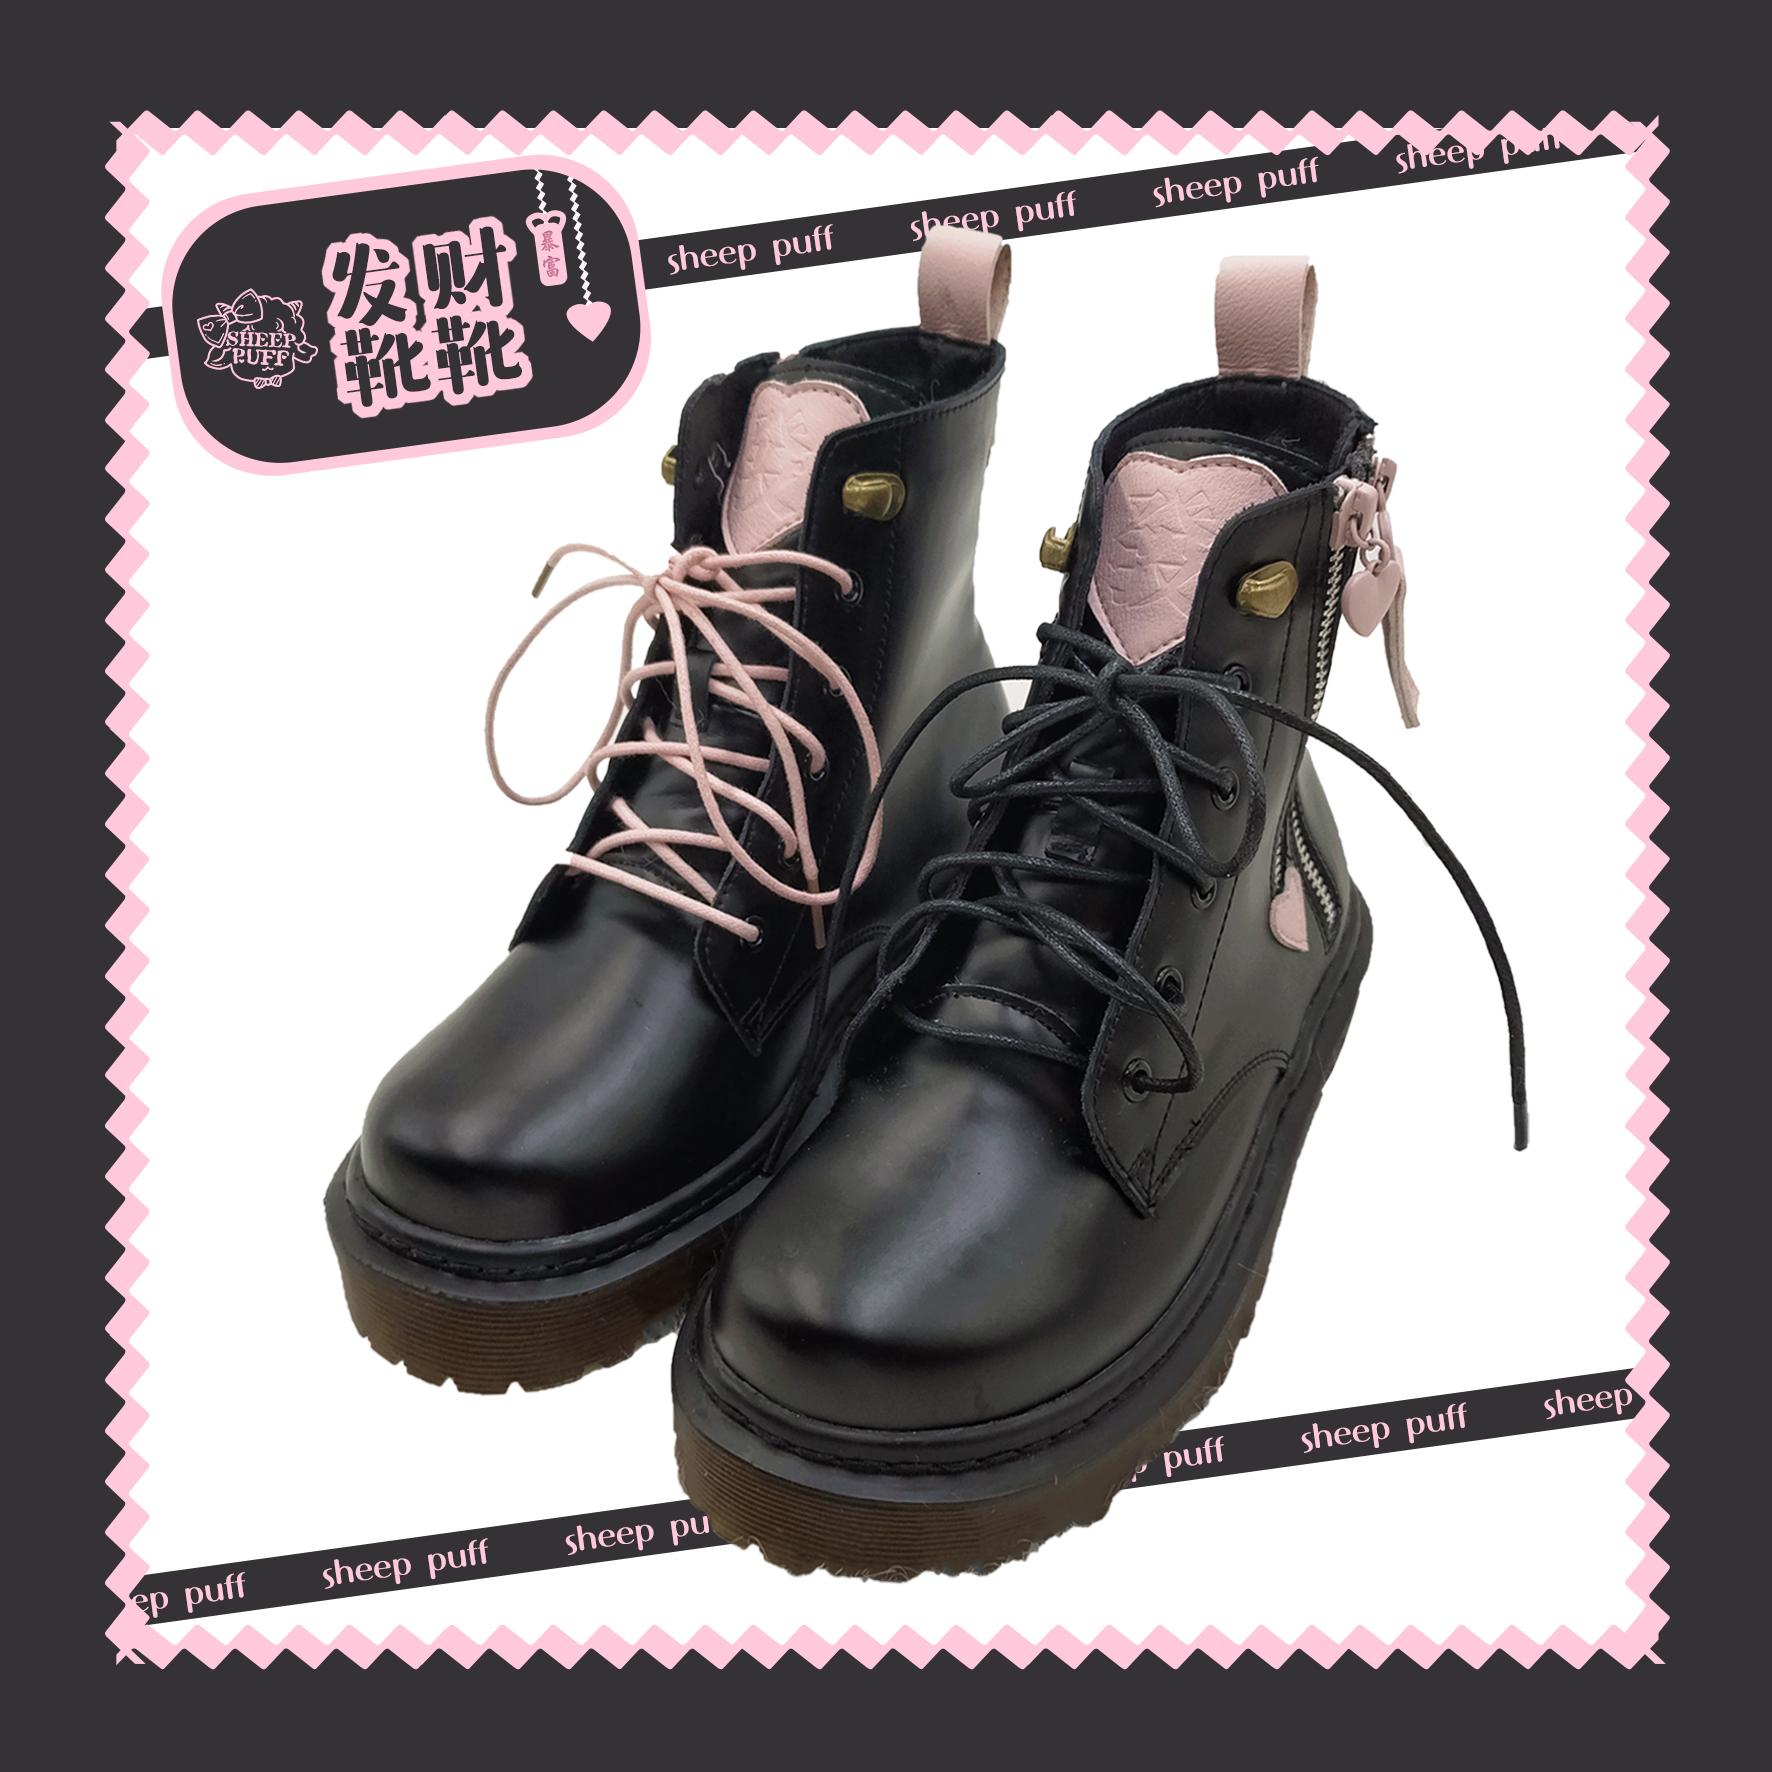 【现货】【发财靴靴】绵羊泡芙原创日系甜美百搭春秋马丁女靴图片